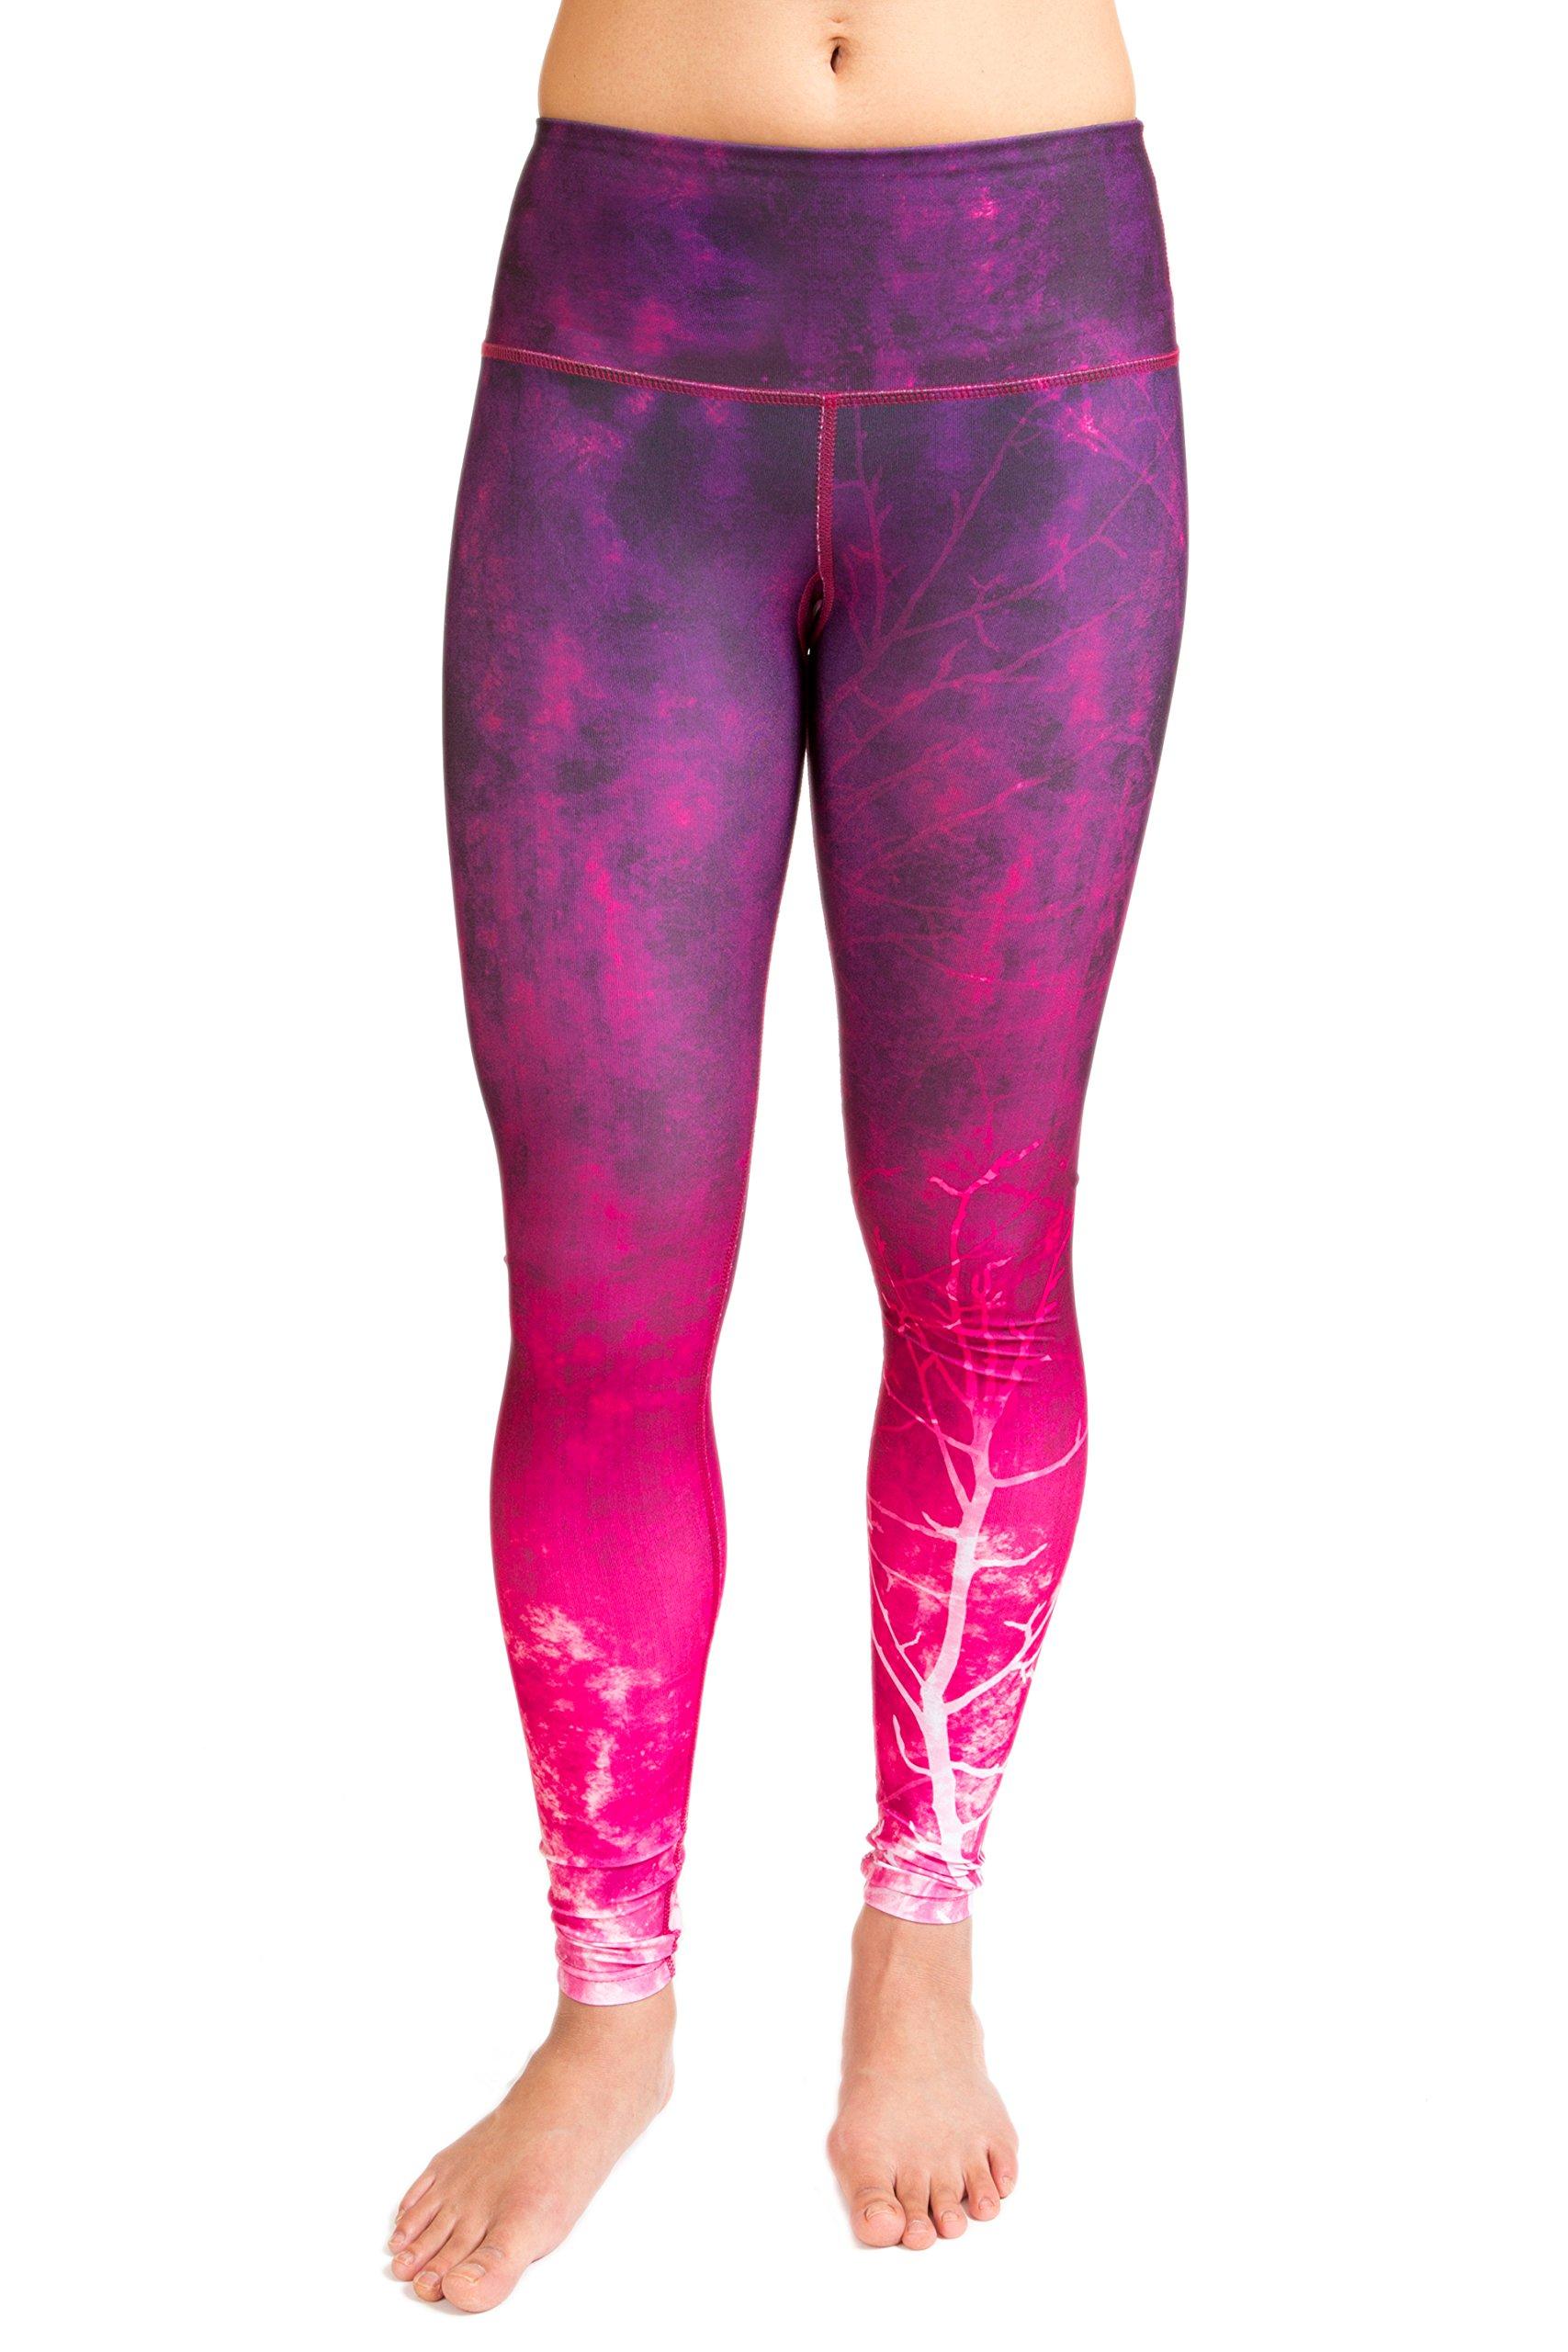 Inner Fire Yoga Apparel - Women's Leggings